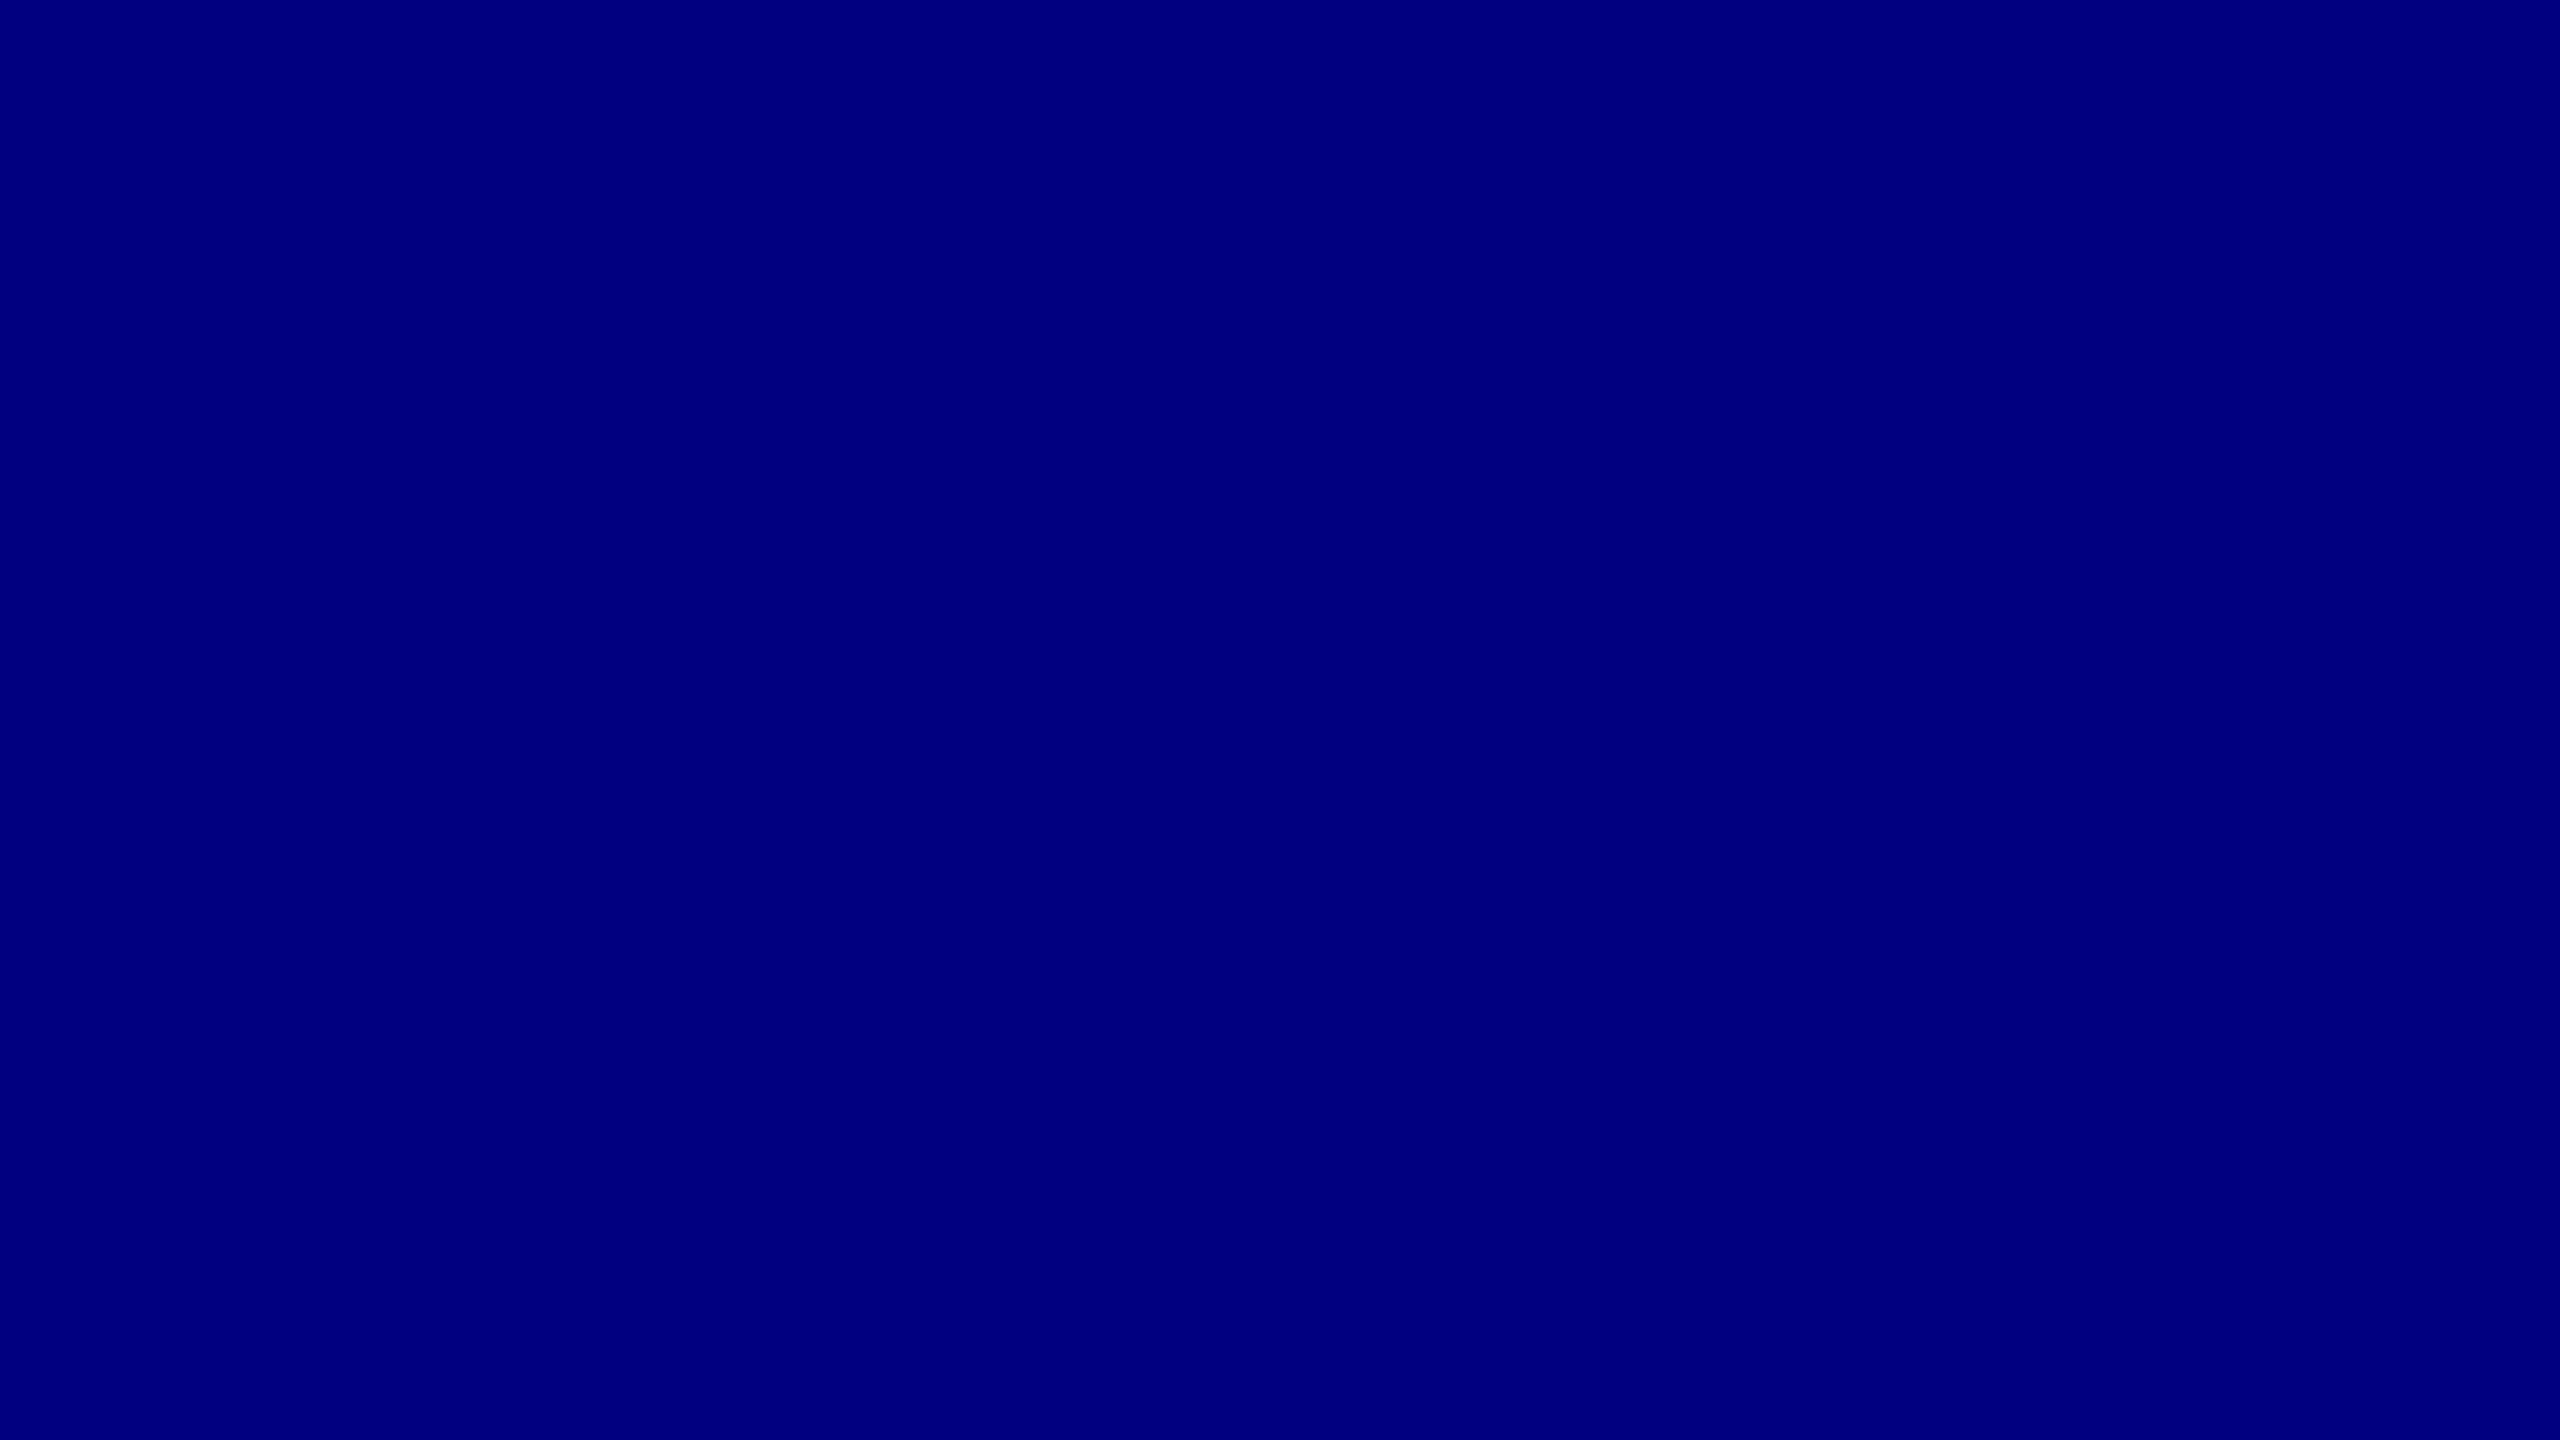 Blue Color Wallpaper Wallpapersafari